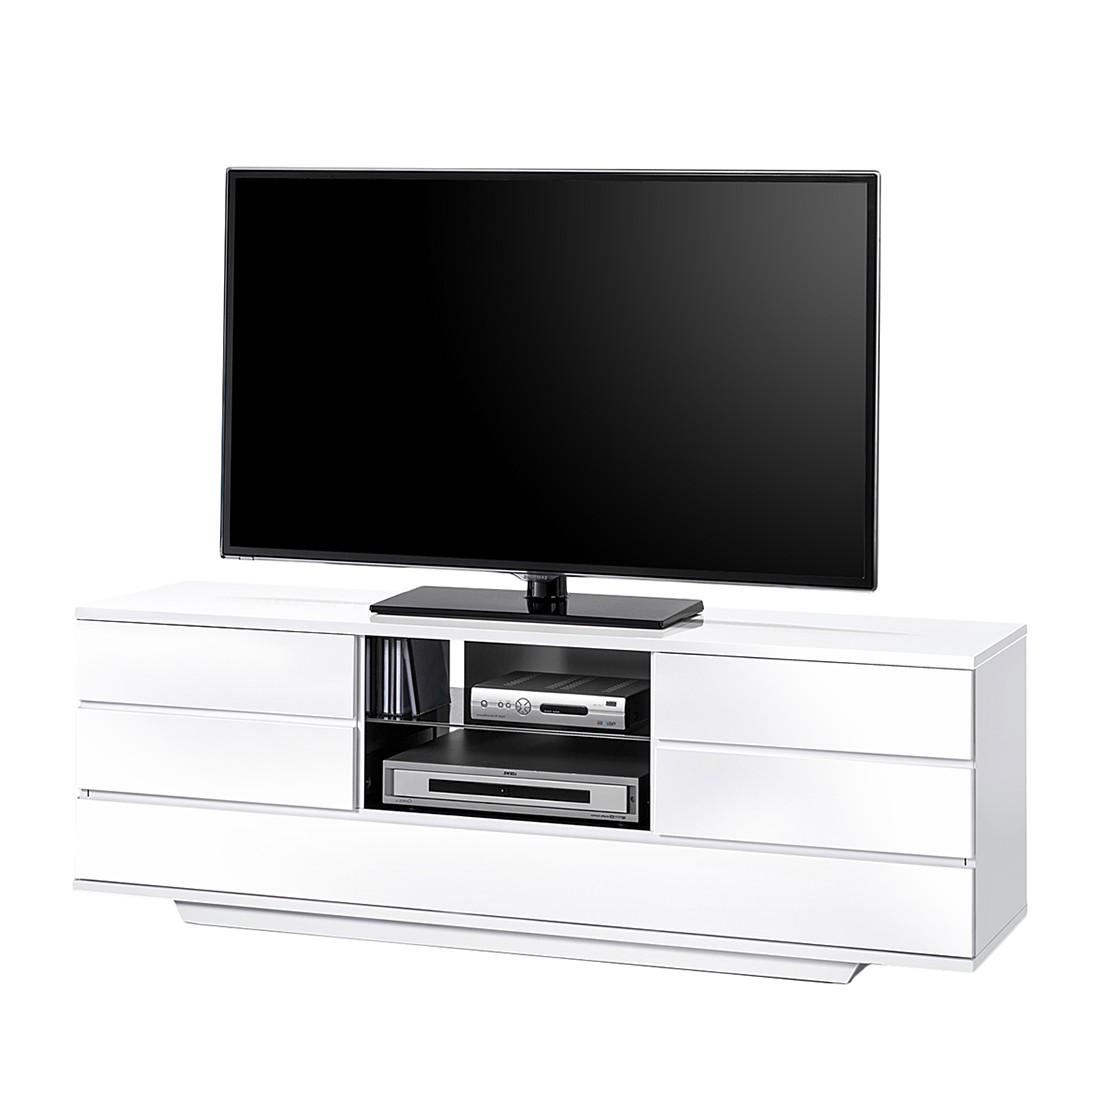 Trendy meuble cuisine cm meuble tv blanc faible profondeur for Meuble tv petite largeur